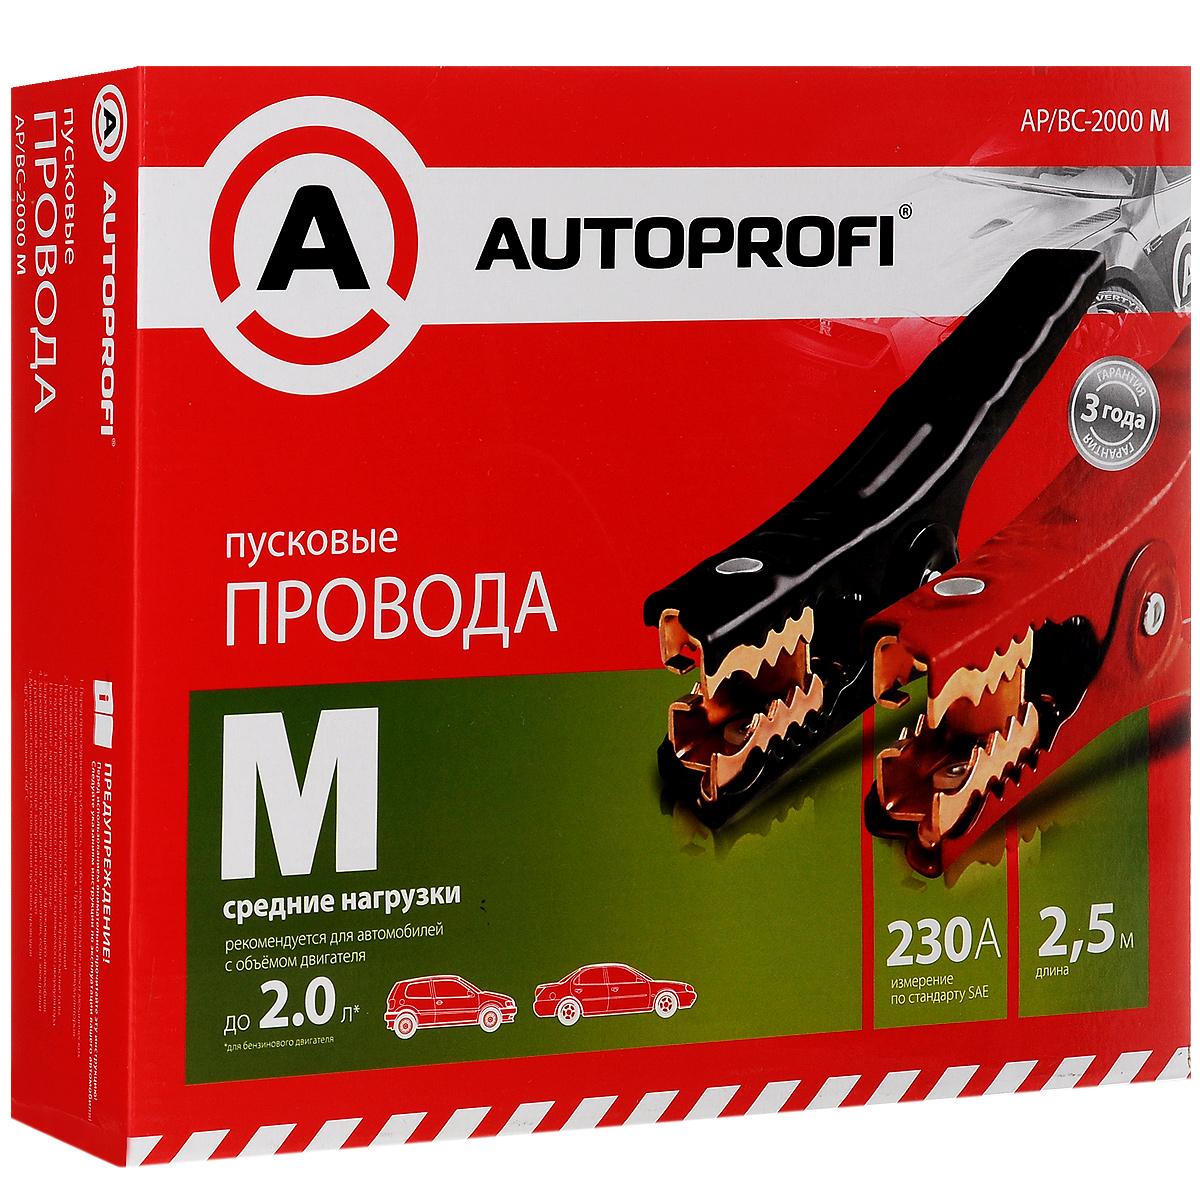 Провода пусковые Autoprofi М, средние нагрузки, 8,37 мм2, 230 A, 2,5 м провода пусковые autoprofi 4 65 мм 125a sae 2 2 м